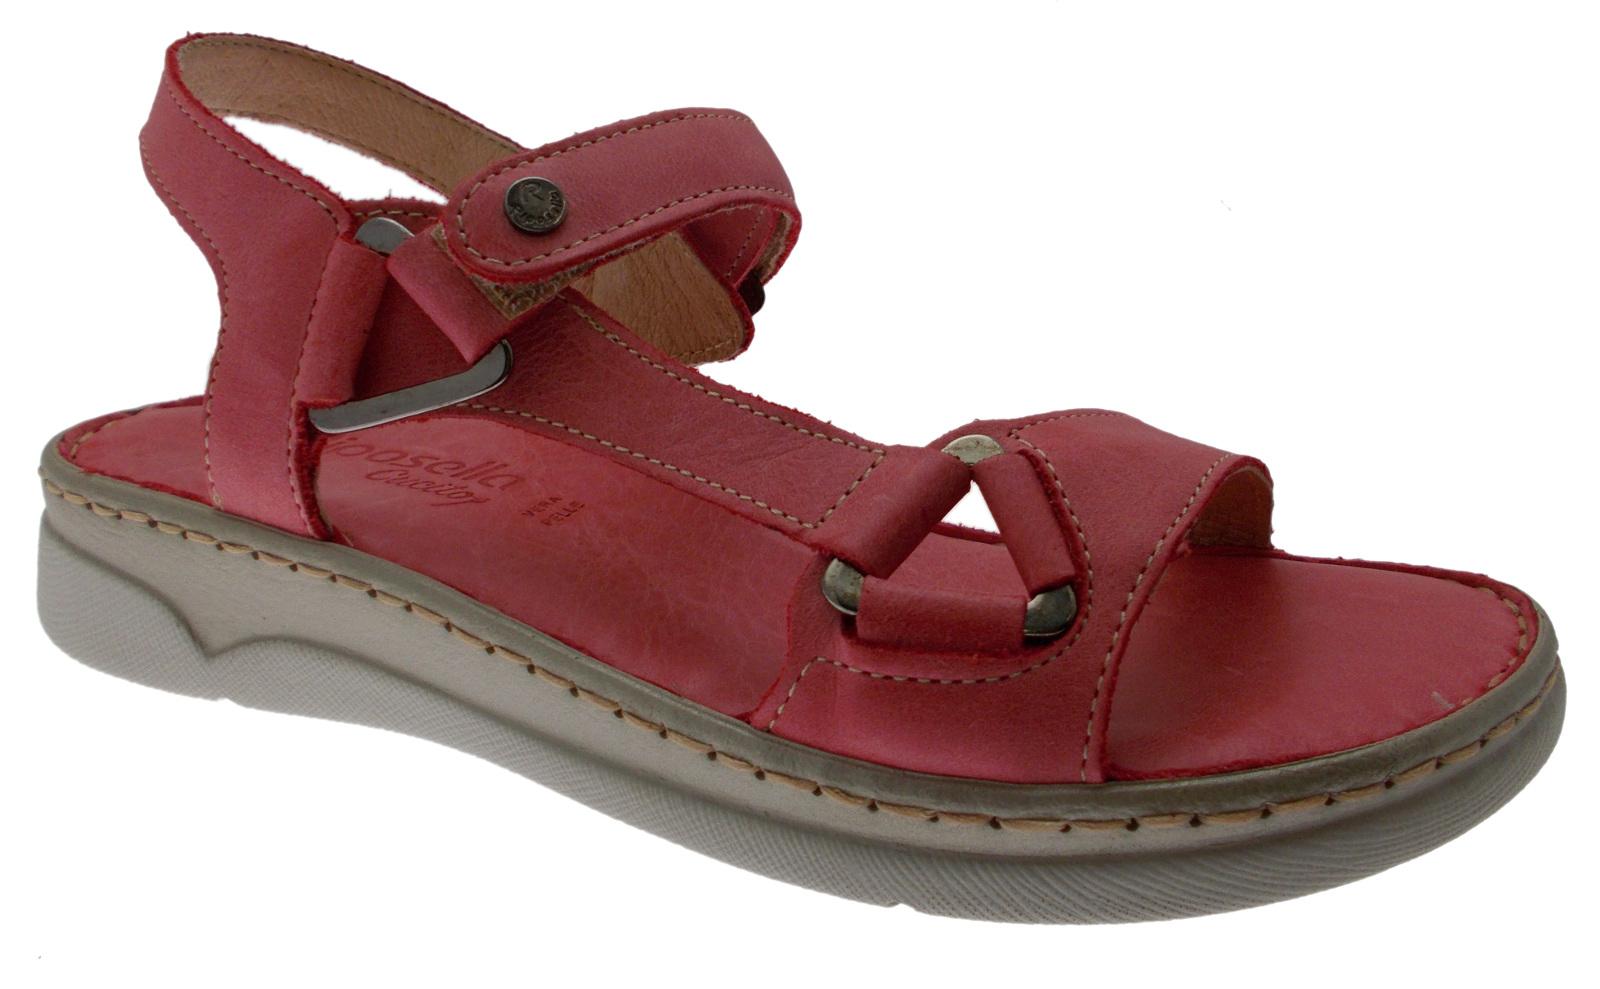 40709 sandalo aperto rojo rosadodo  plantare soft memory Riposella Riposella Riposella  orden ahora con gran descuento y entrega gratuita